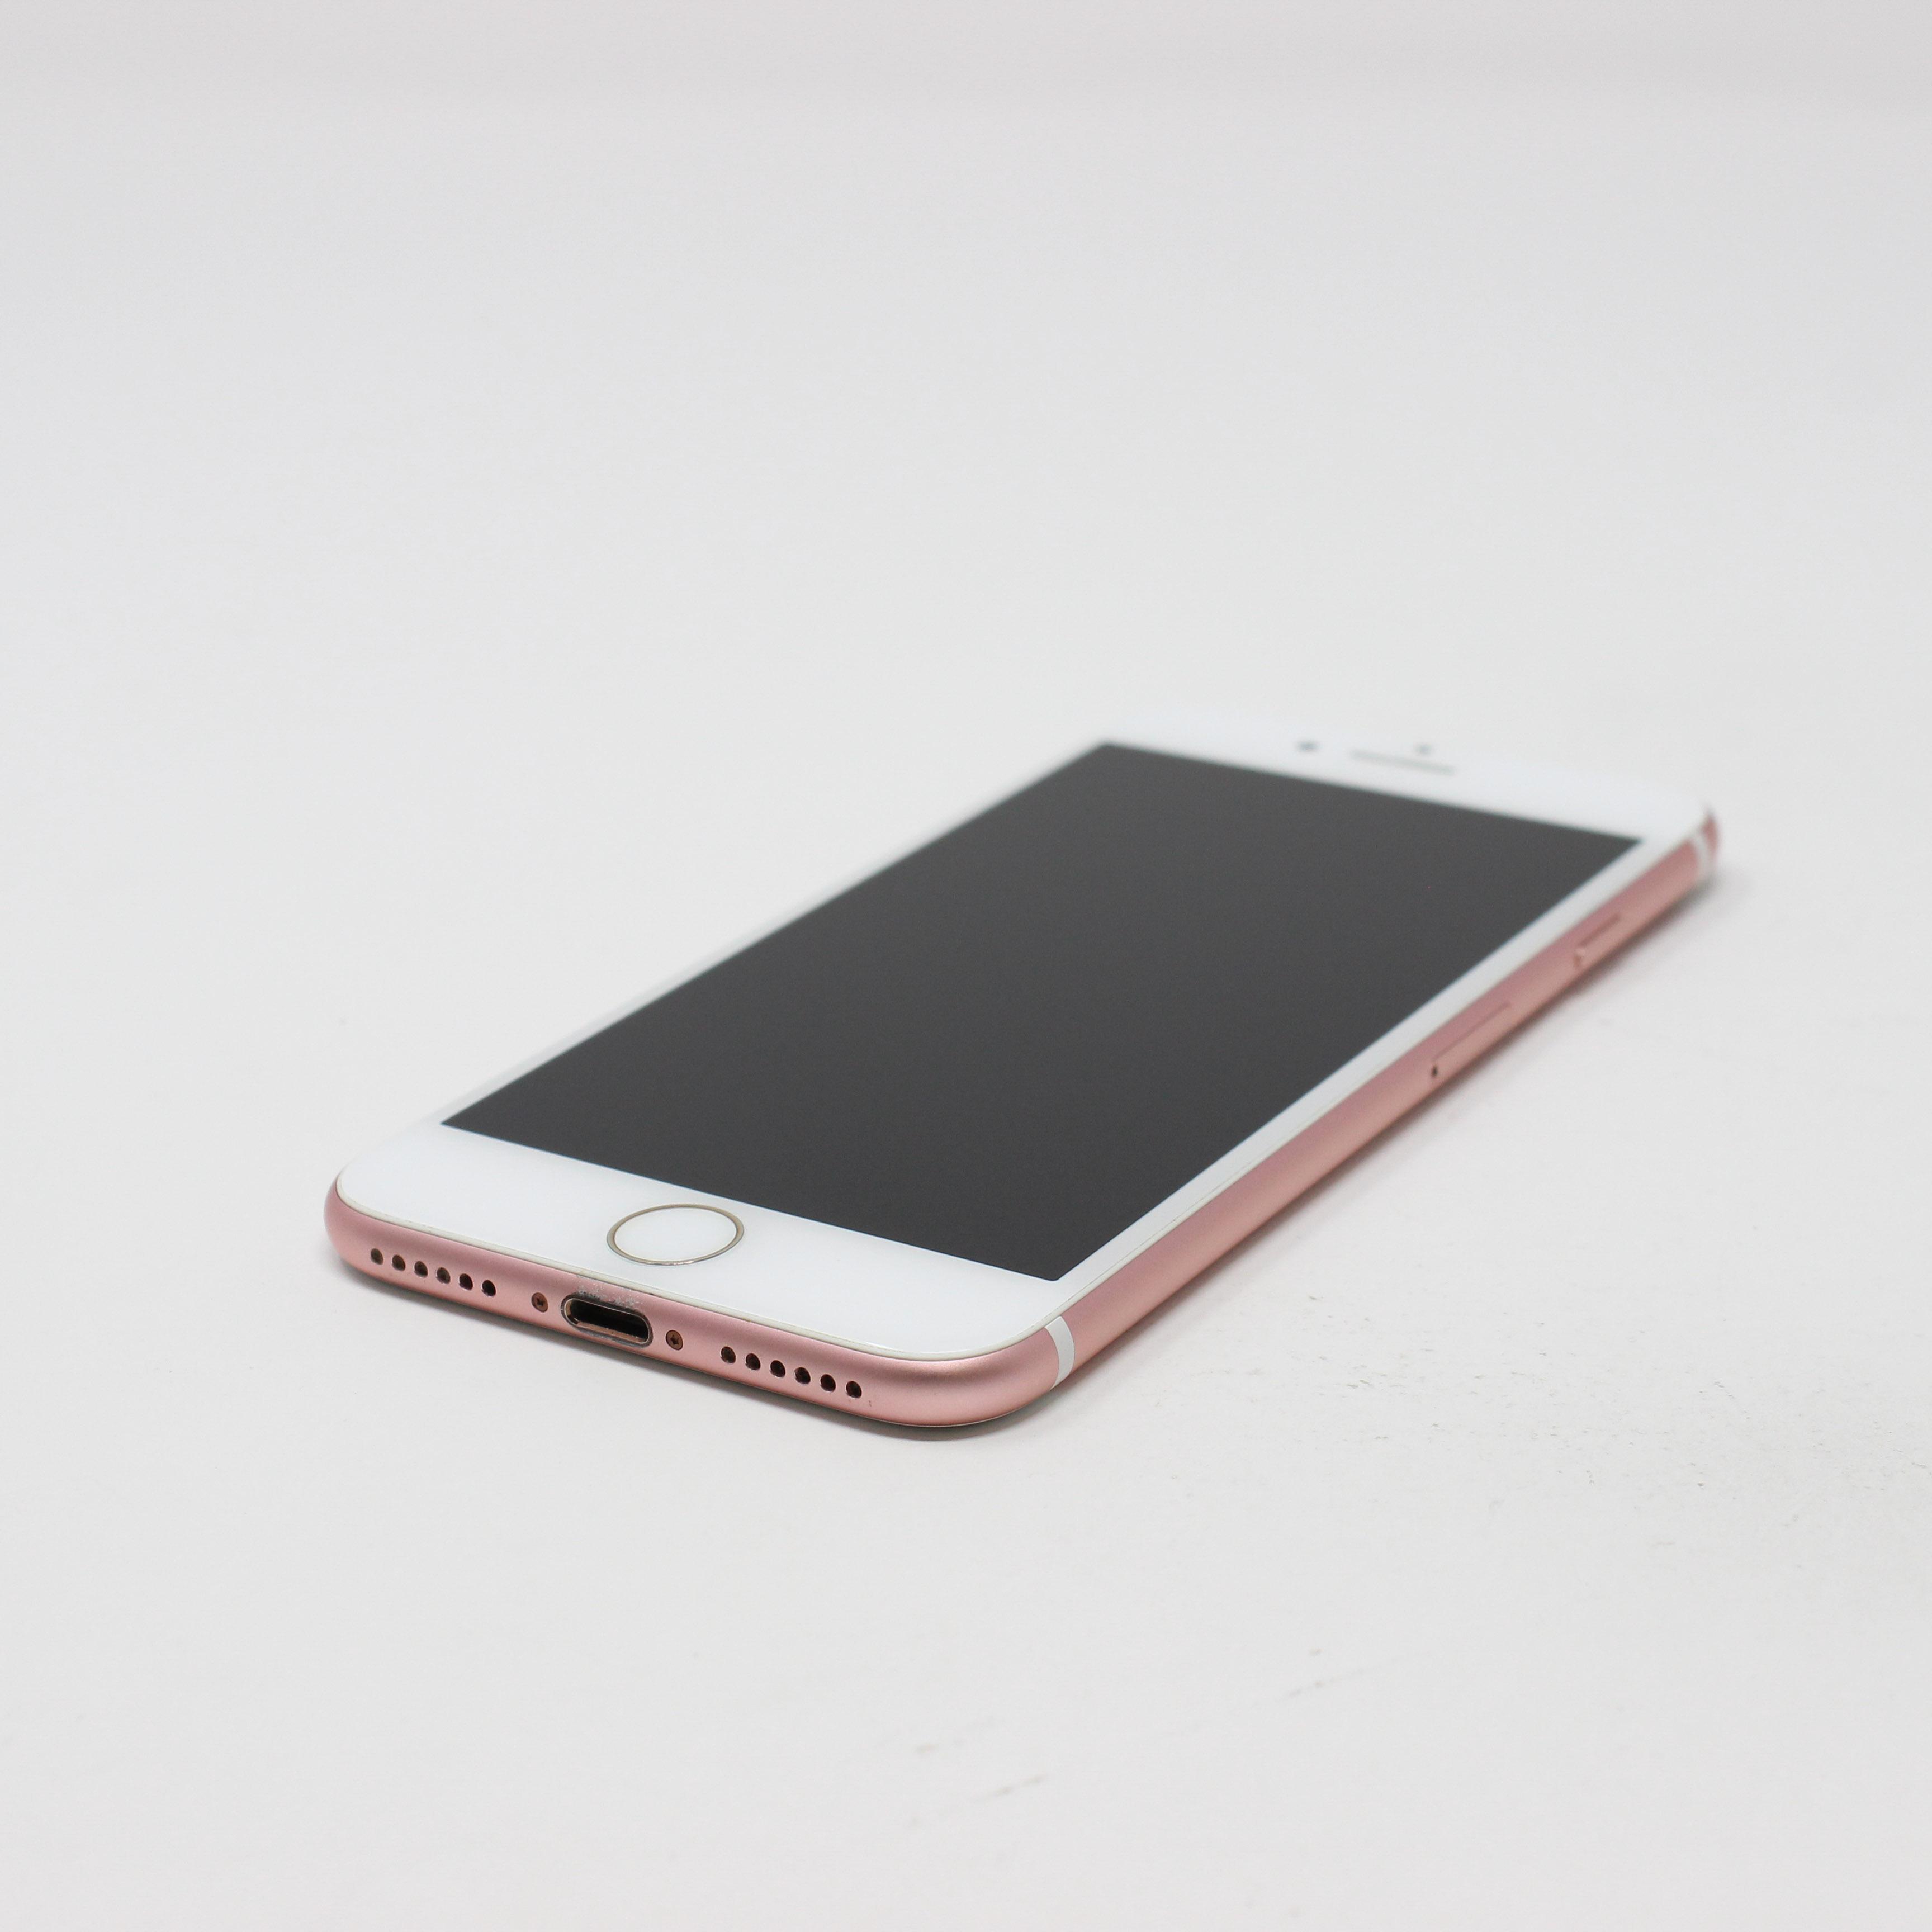 iPhone 7 32GB Rose Gold - Verizon photo 6   UpTradeit.com